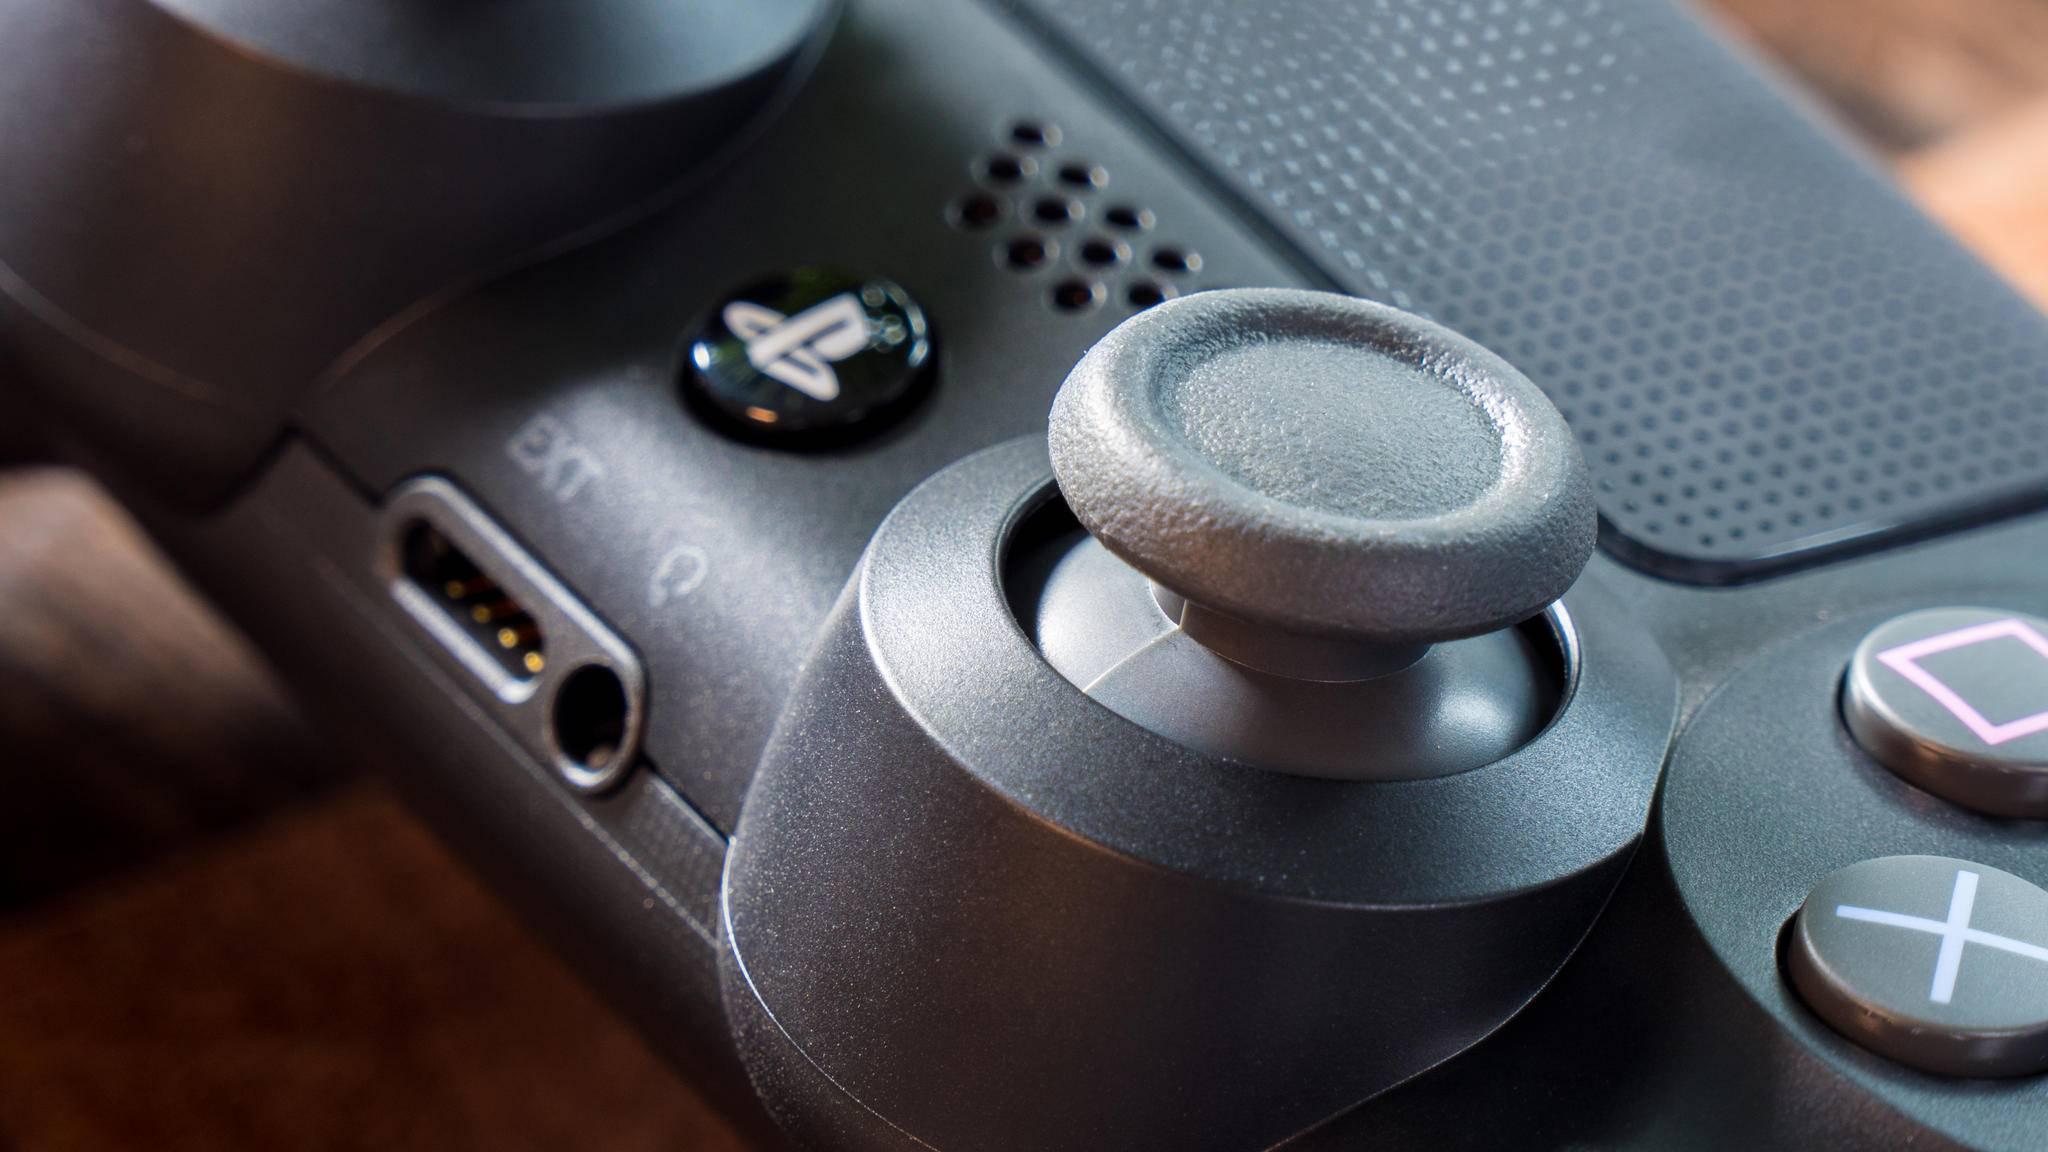 Wer genügend Umwege in Kauf nimmt, kann Xbox-Spiele auch mit dem PS4-Controller spielen.